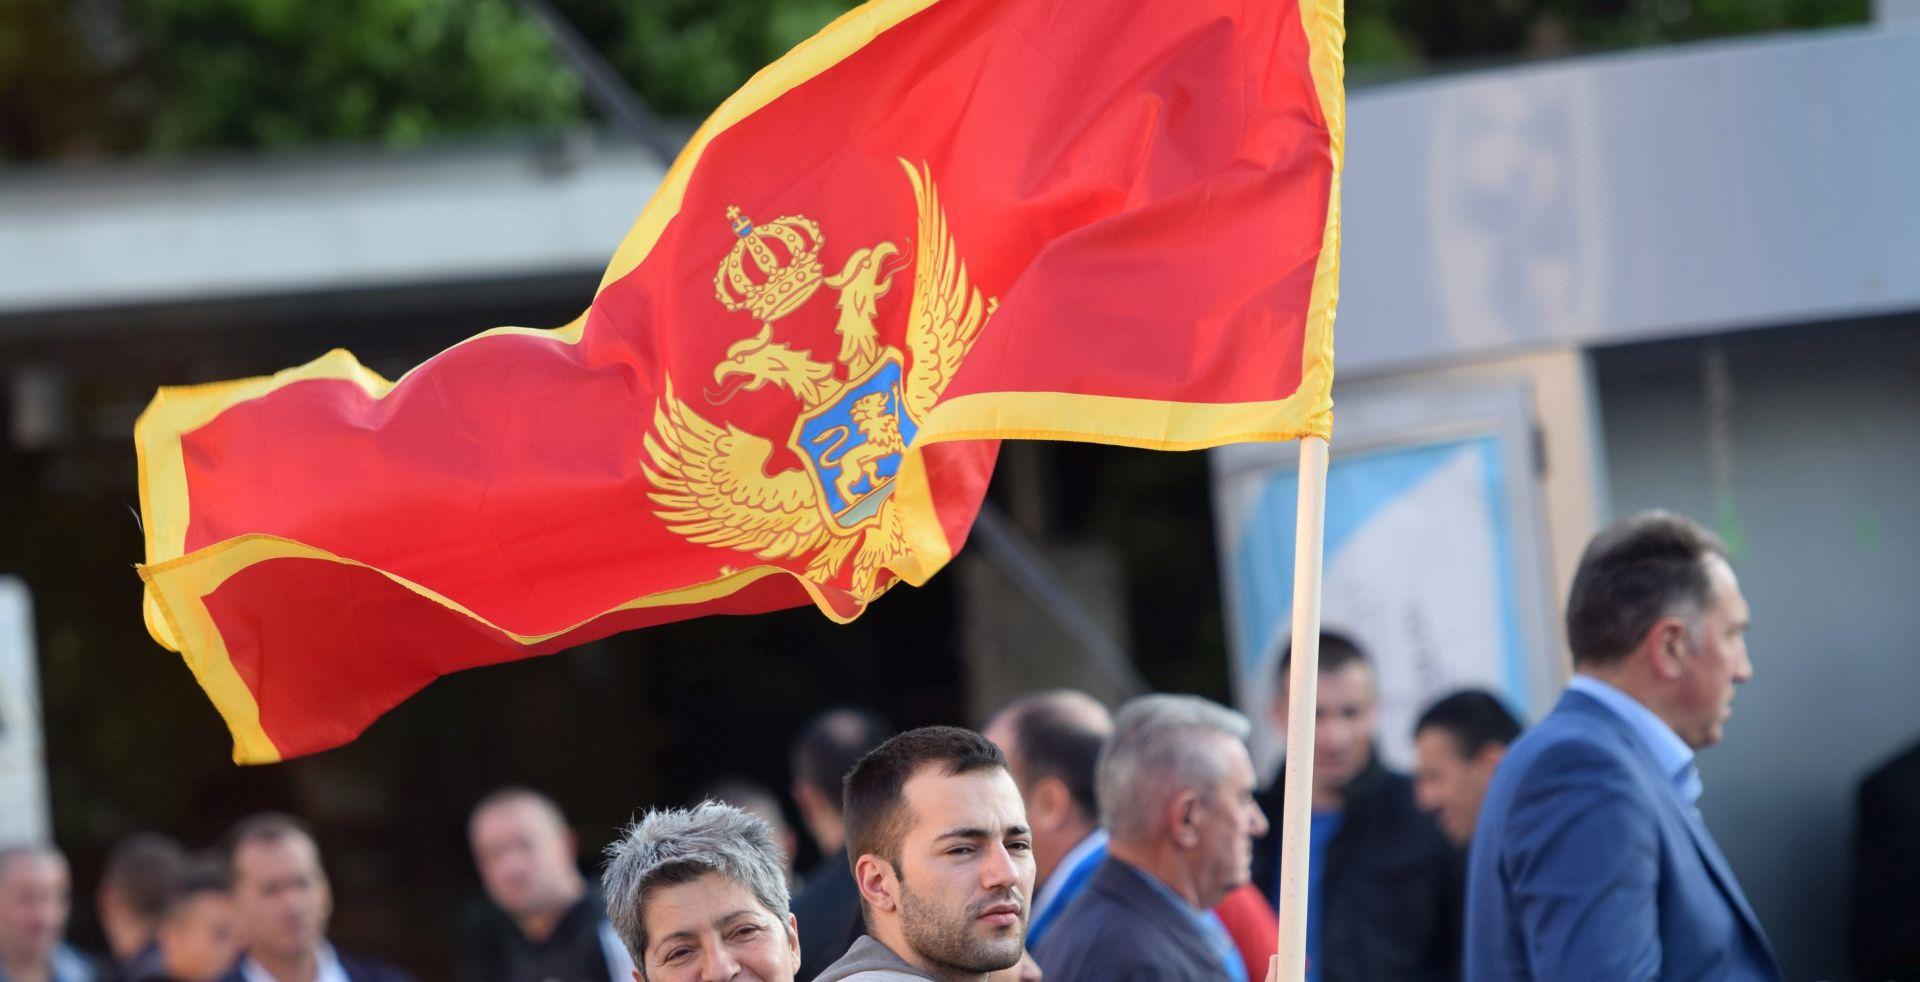 PARLAMENTARNI IZBORI U CRNOJ GORI Za ili protiv članstva u NATO-u i EU